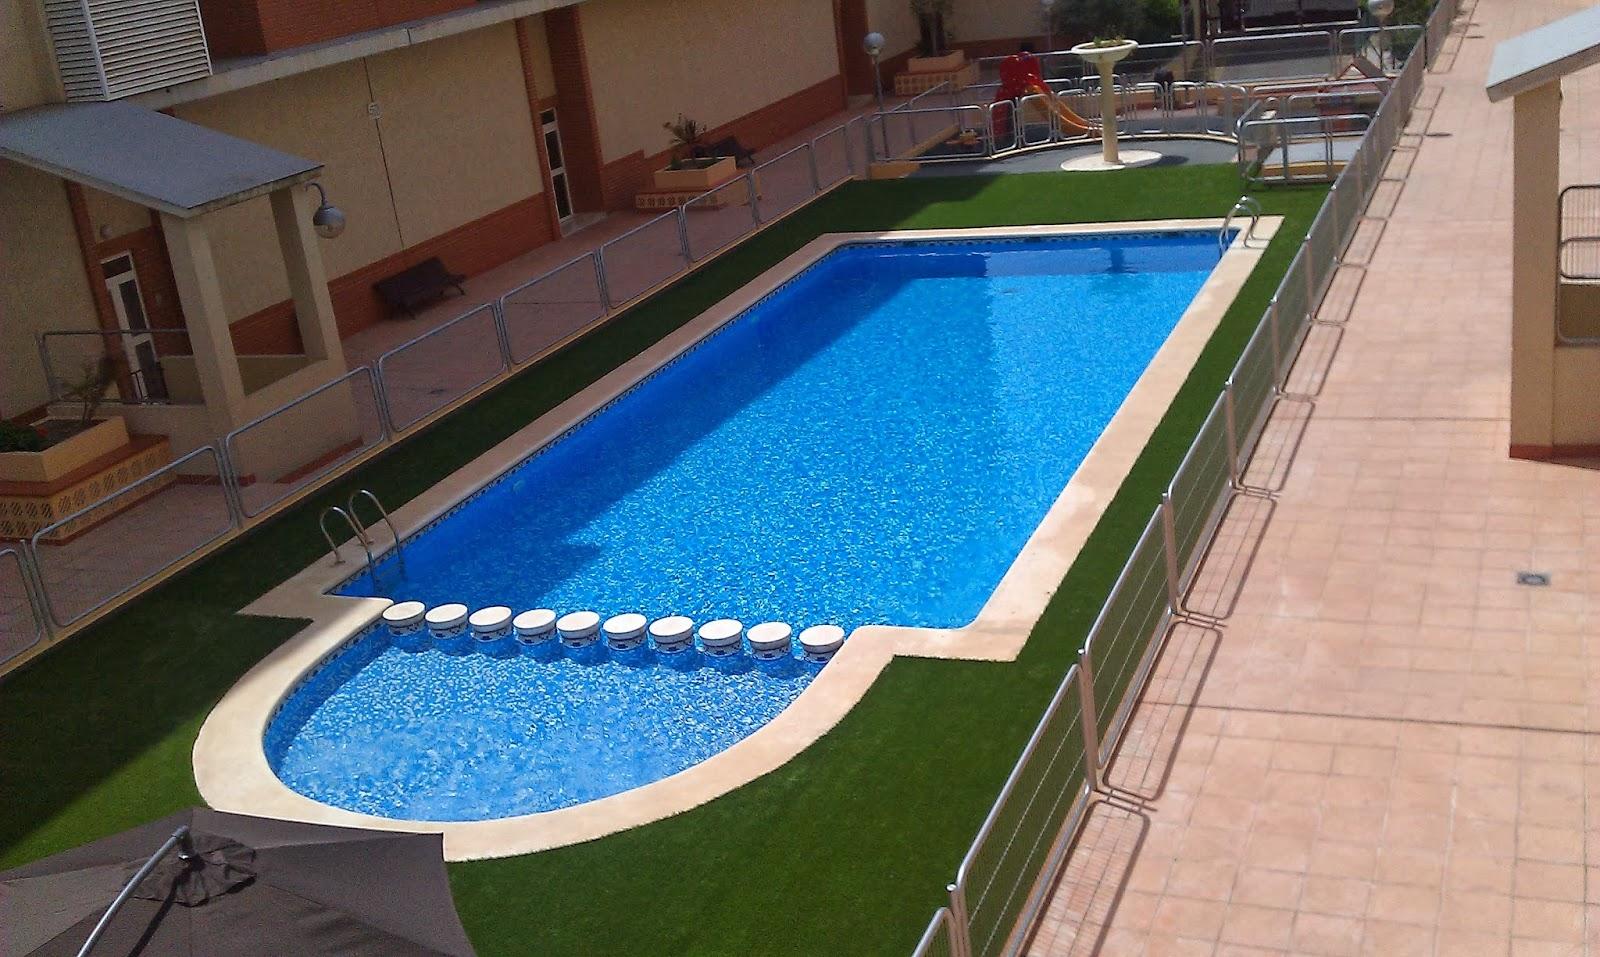 Ventajas del c sped artificial sin arena en piscinas - Como se pone cesped artificial ...